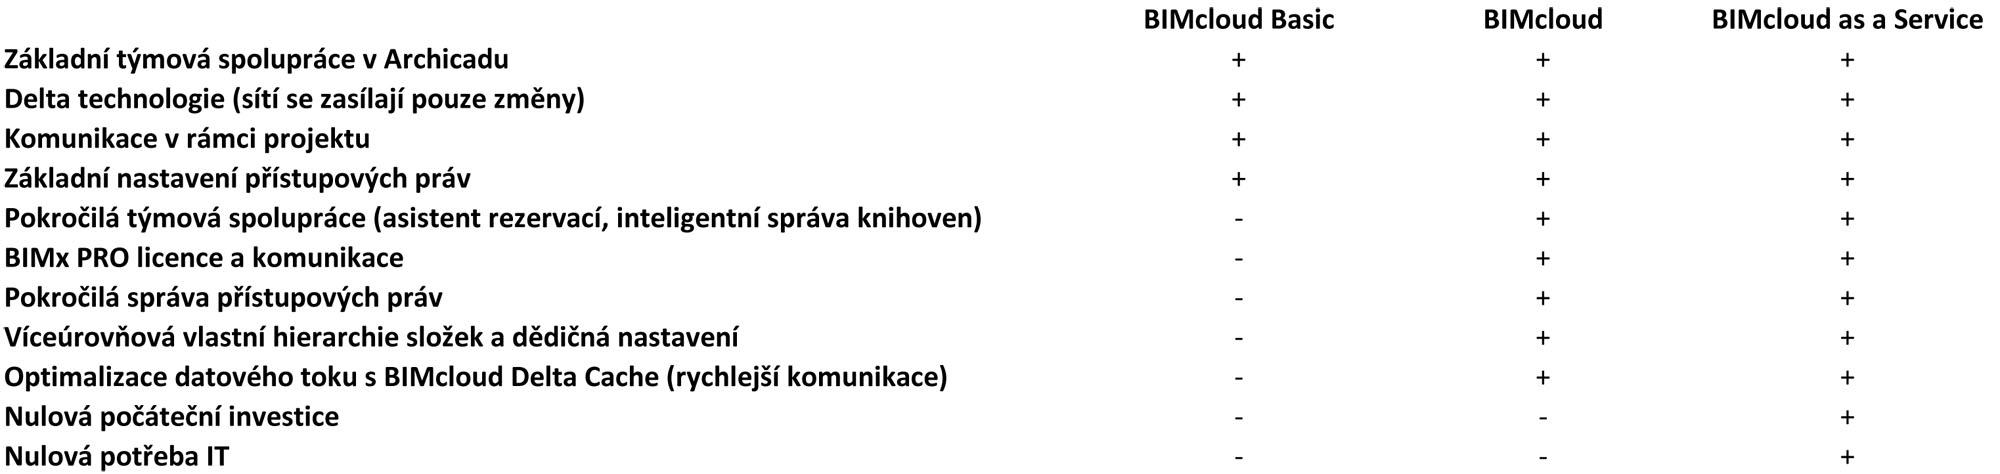 BIMcloud